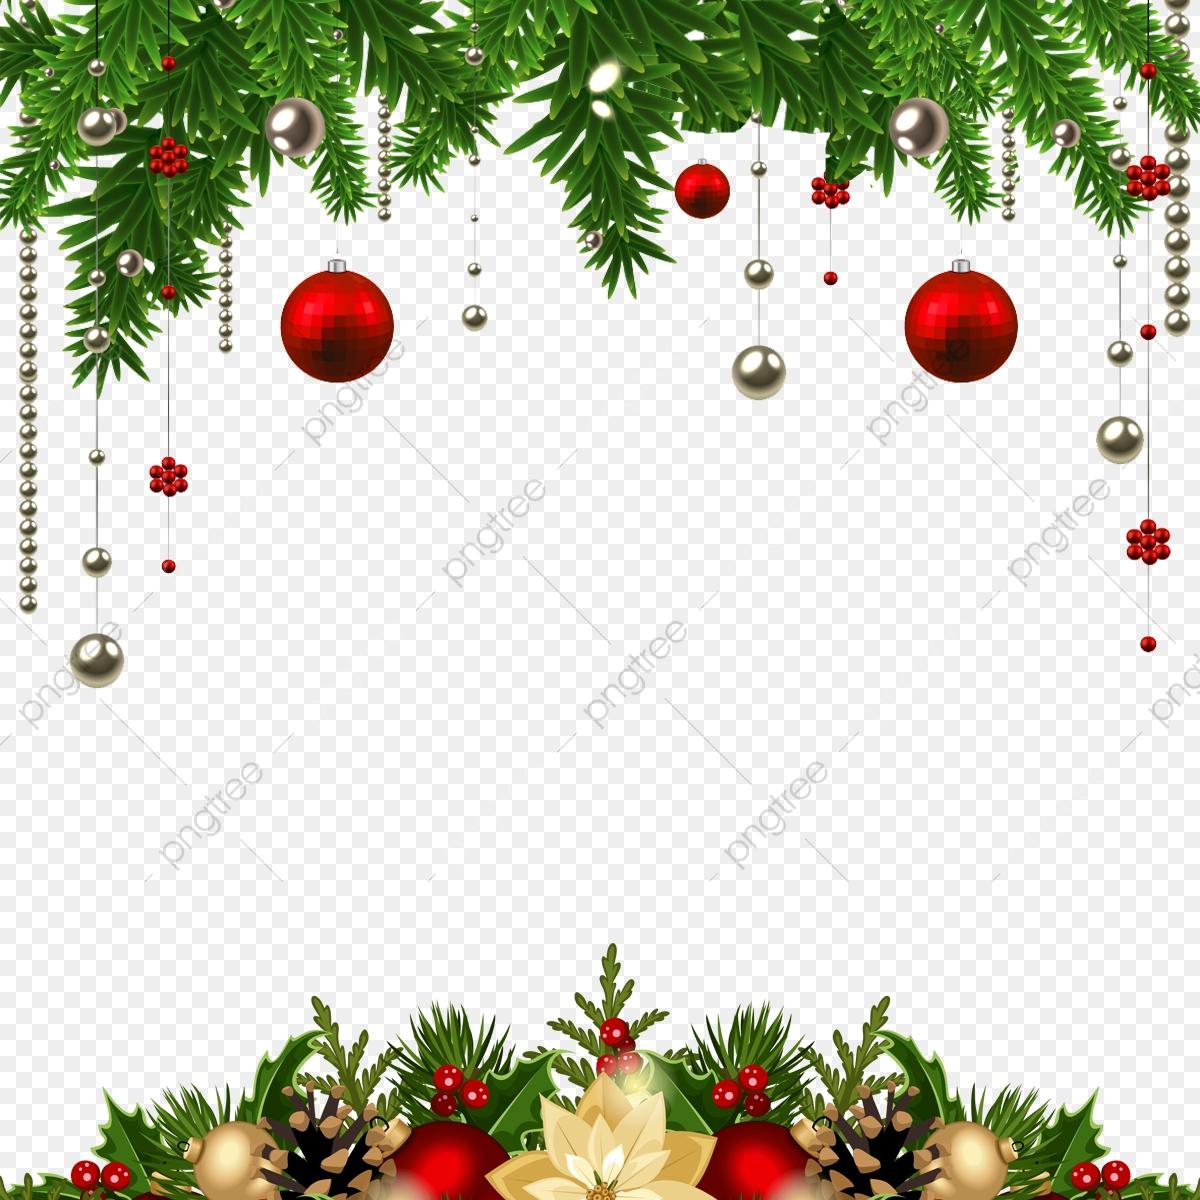 Fondo De Navidad Christmas Graphic Christmas Vector, Navidad, Fondo.